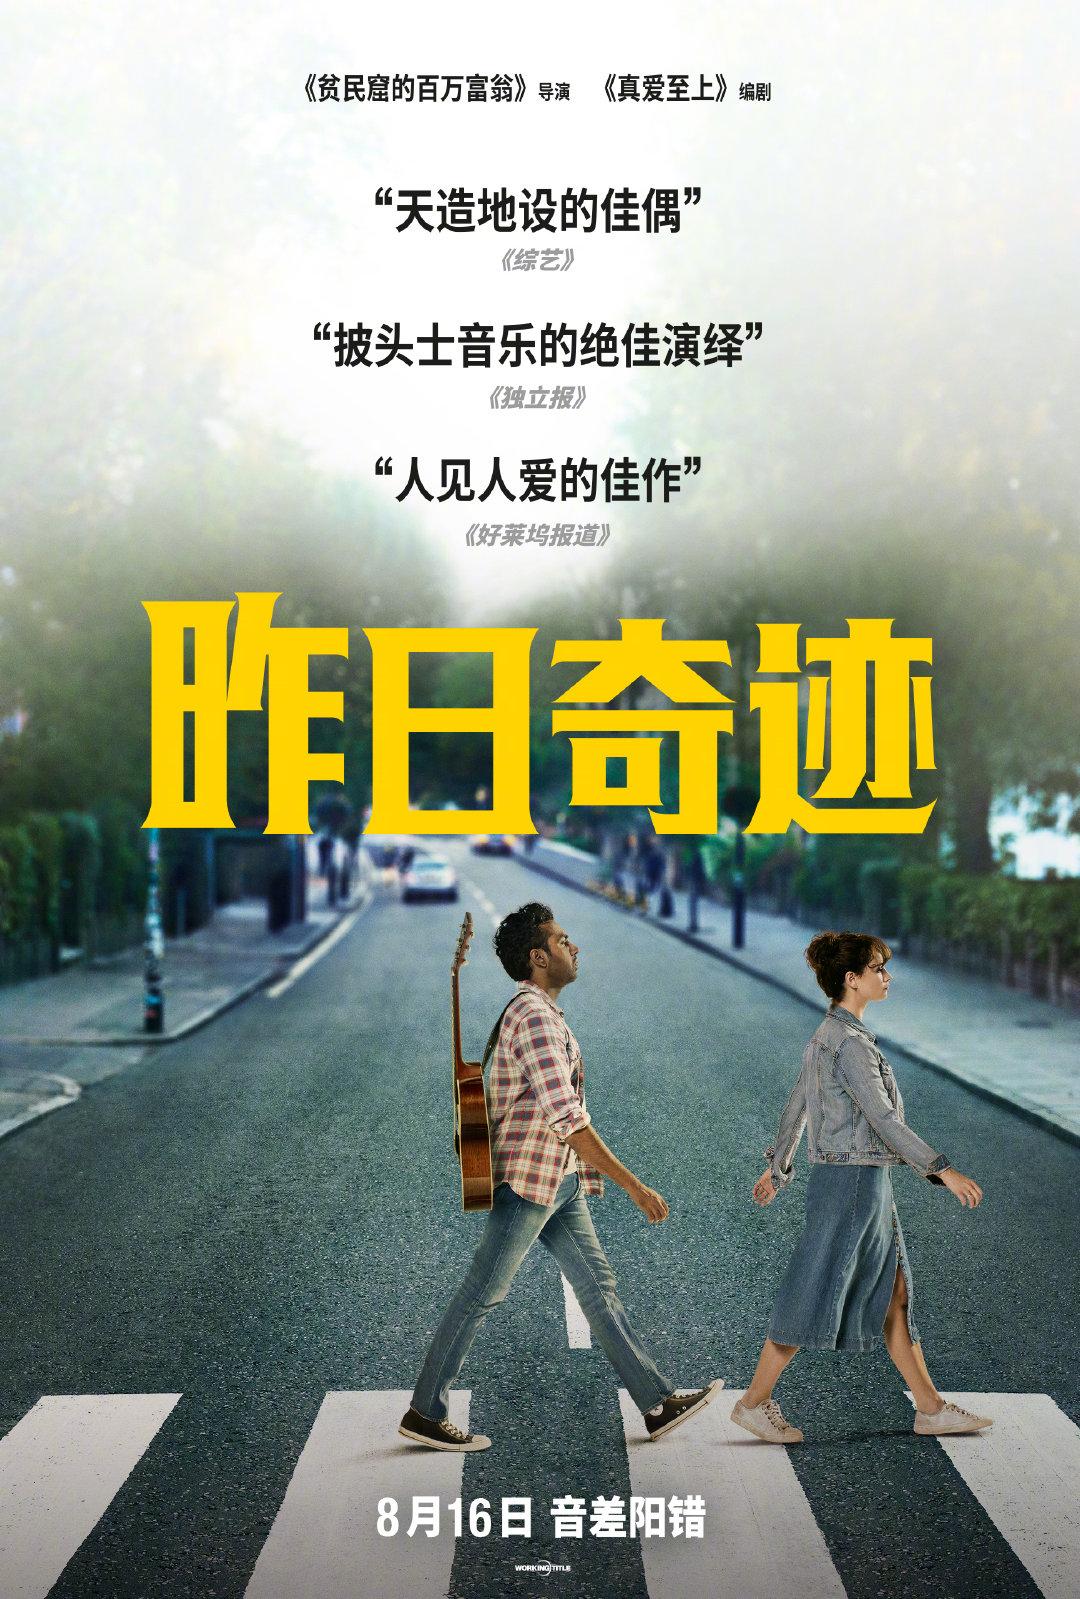 昨日奇迹(2019)